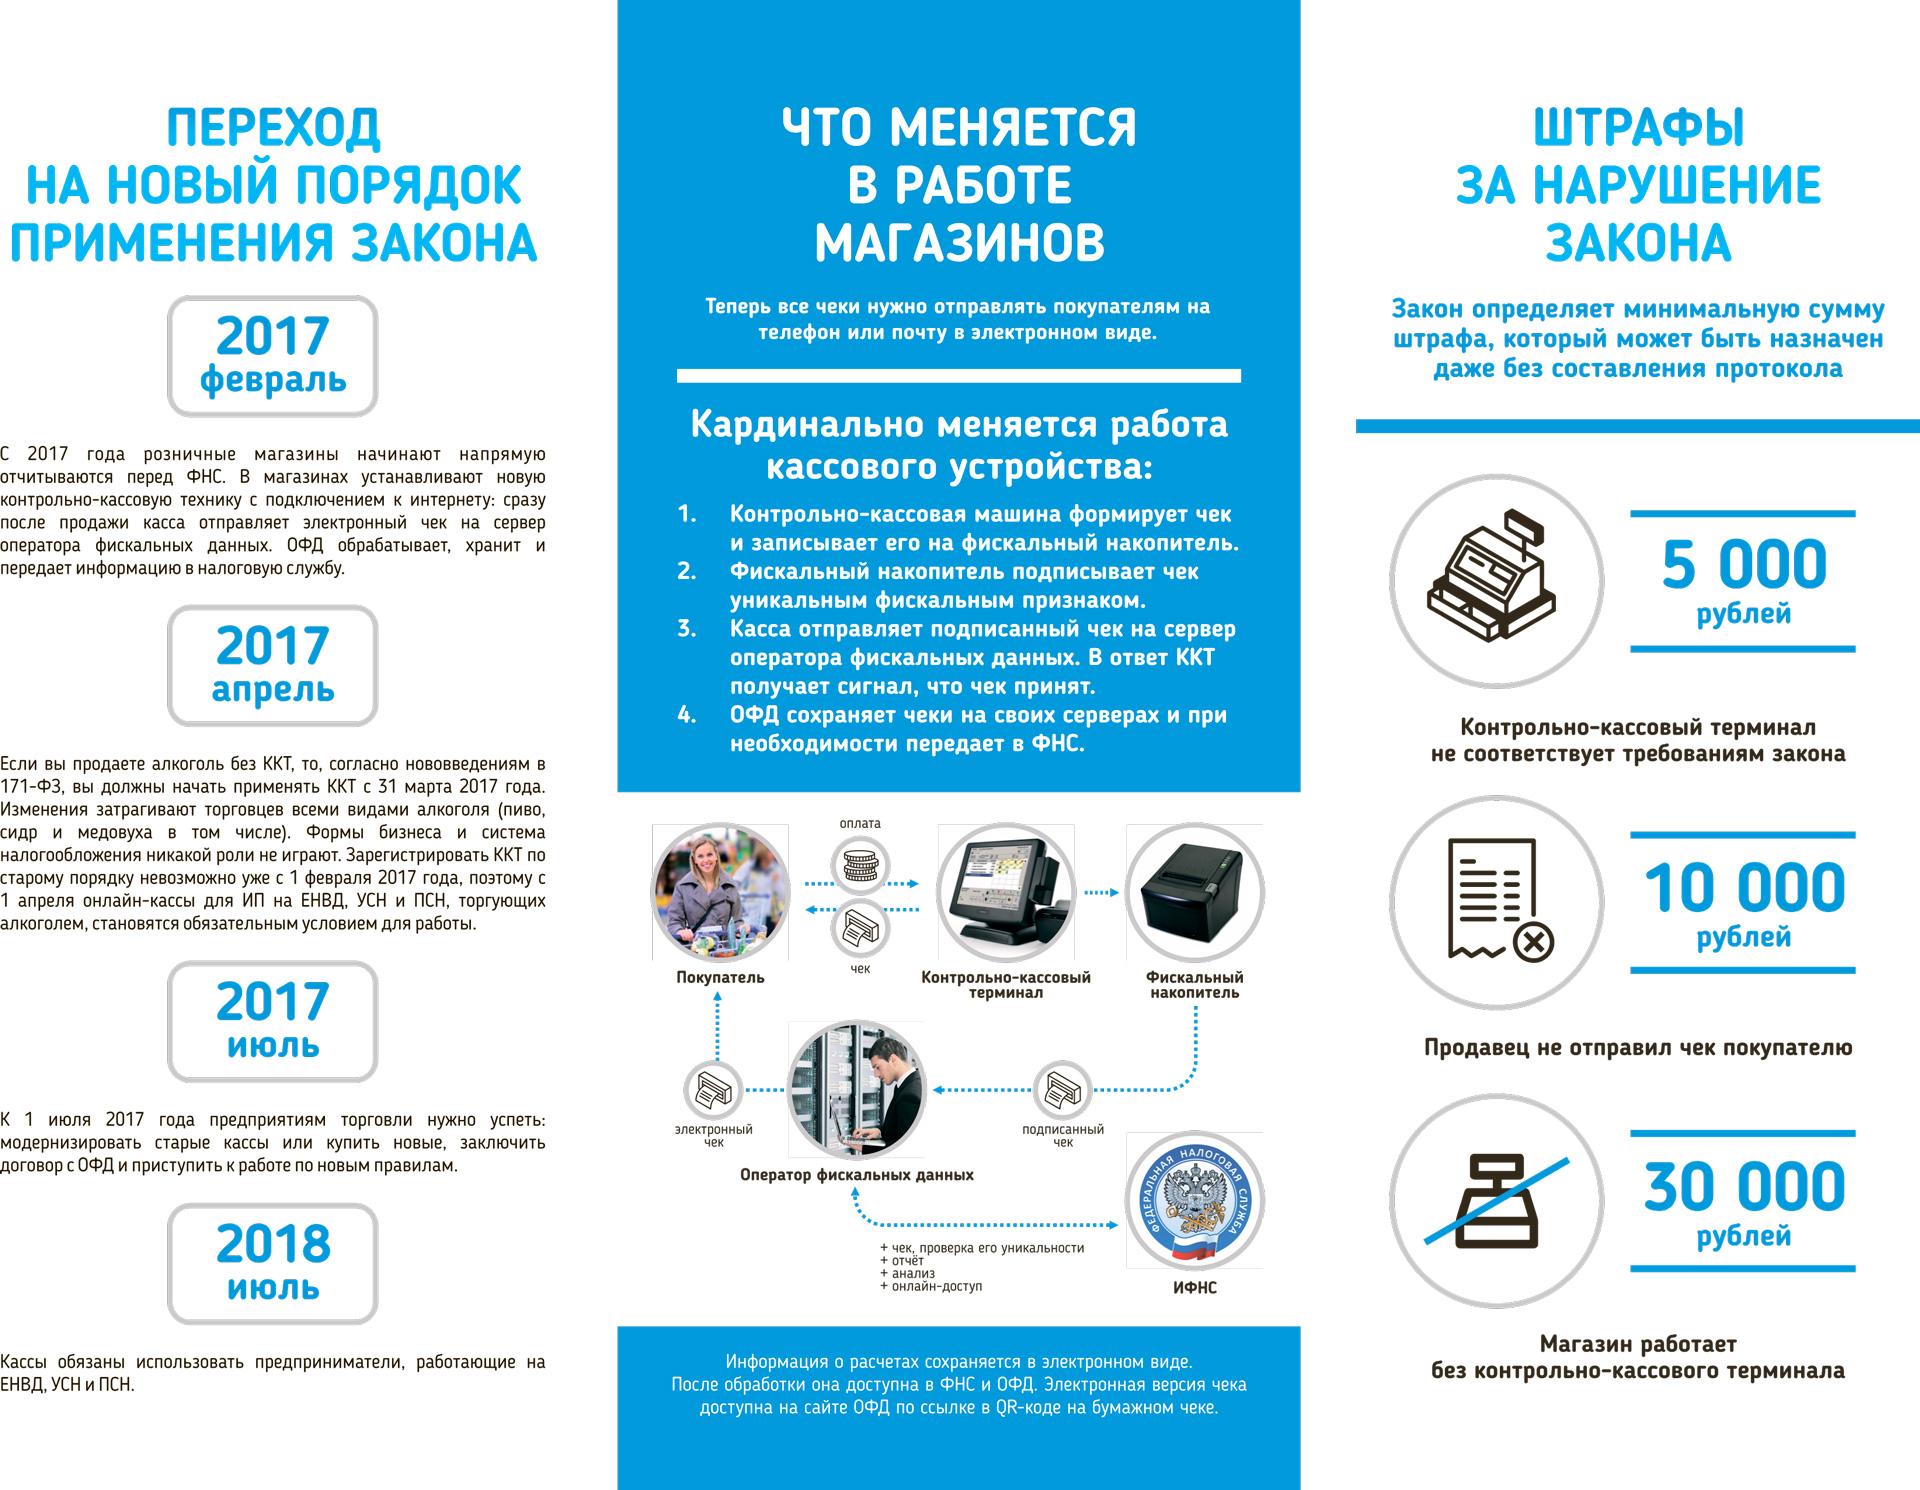 54-ФЗ о применении контрольно-кассовой техники 2018